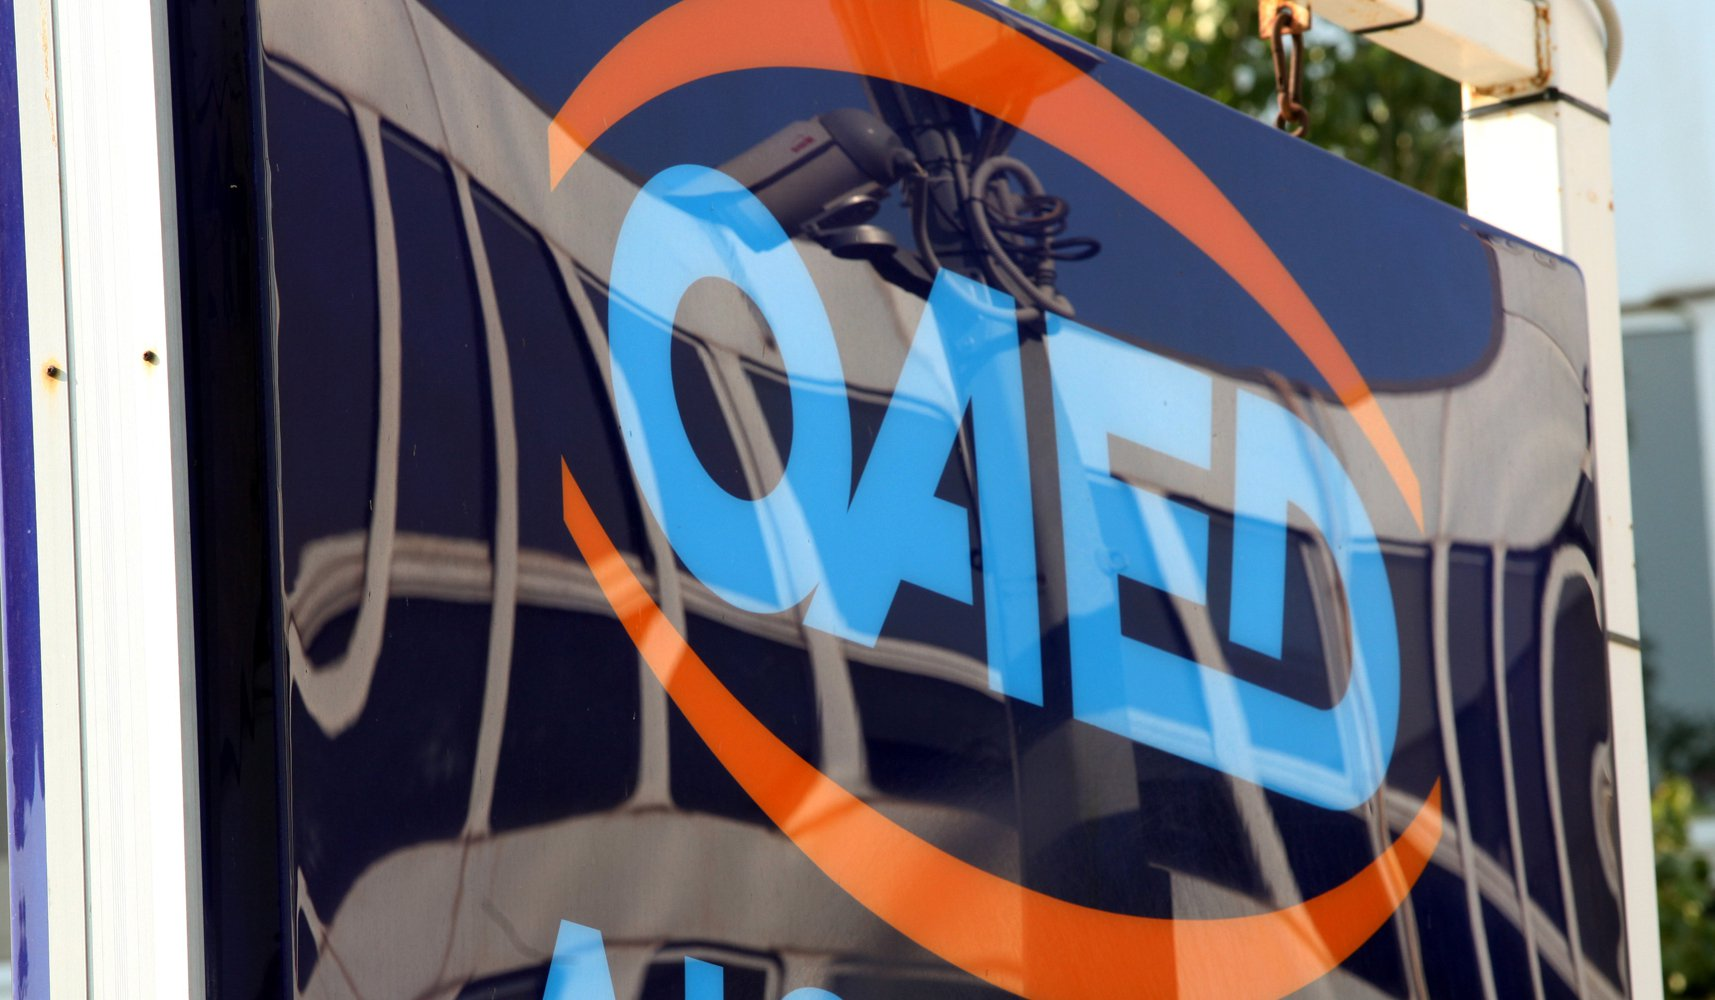 ΟΑΕΔ-Κοινωφελής: Αναρτήθηκαν οι οριστικοί πινάκες κατάταξης ανέργων για 2.082 θέσεις πλήρους απασχόλησης